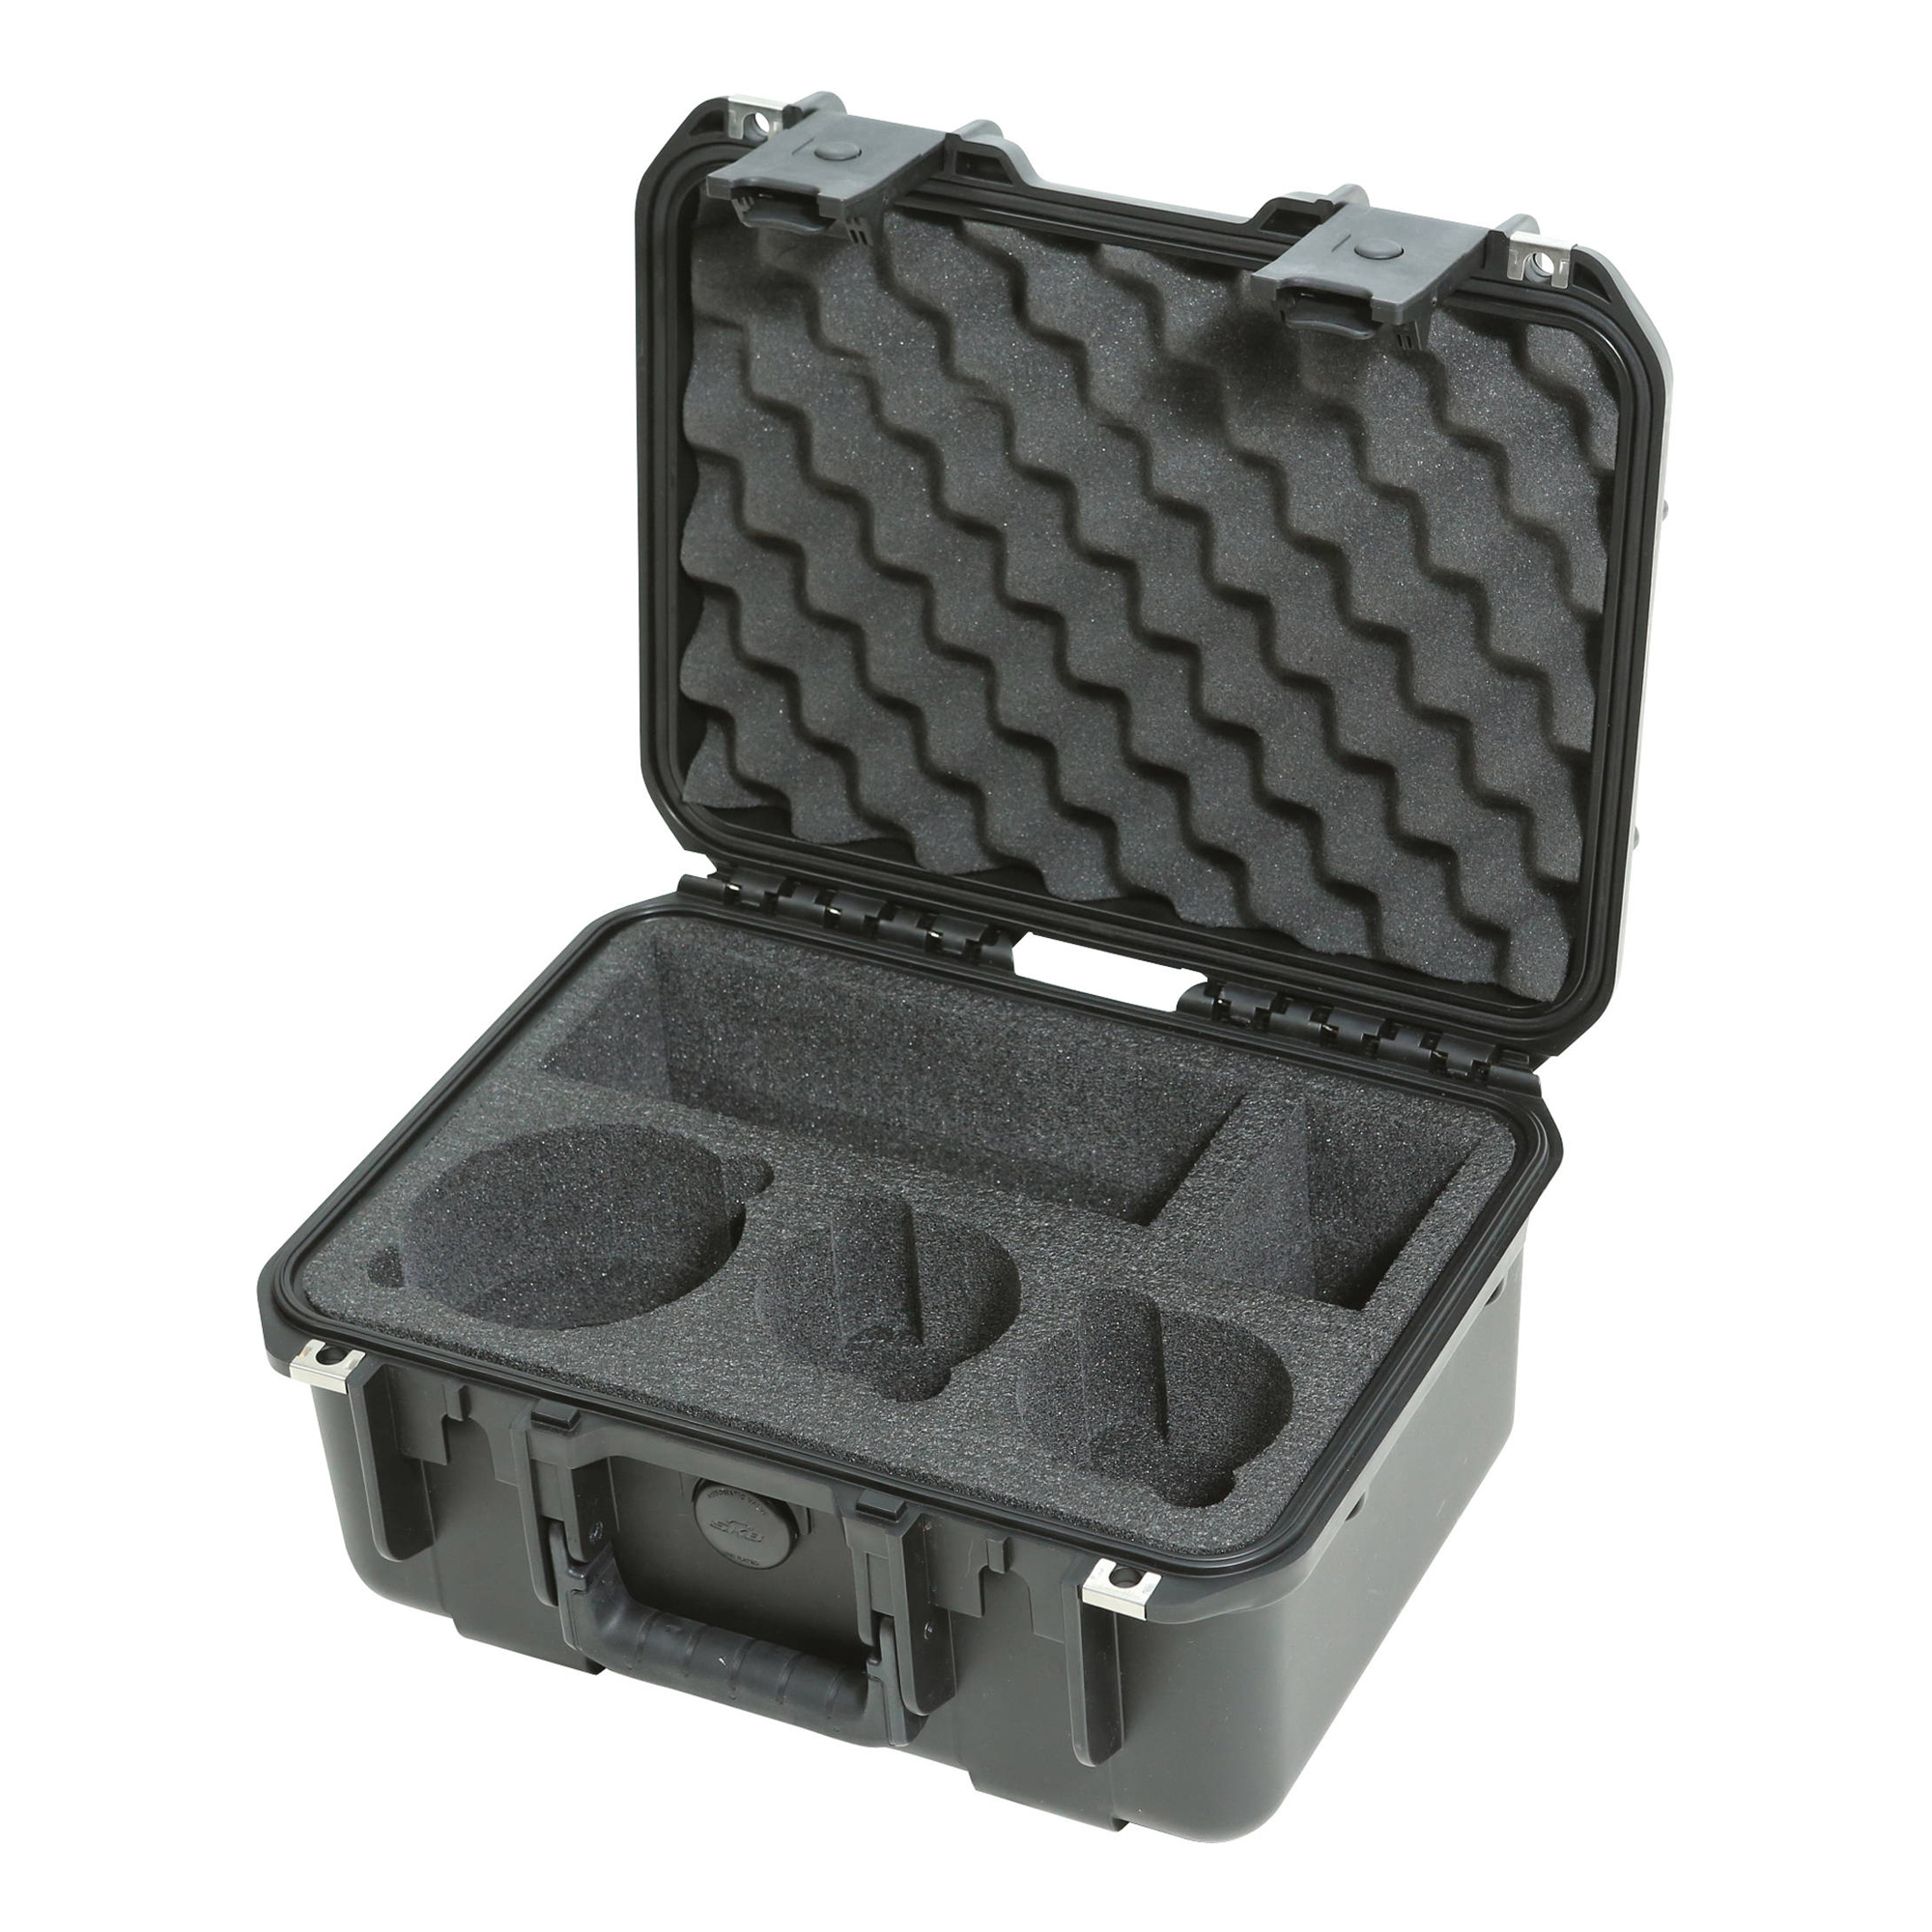 iSeries Watertight Case for Three DSLR Lenses